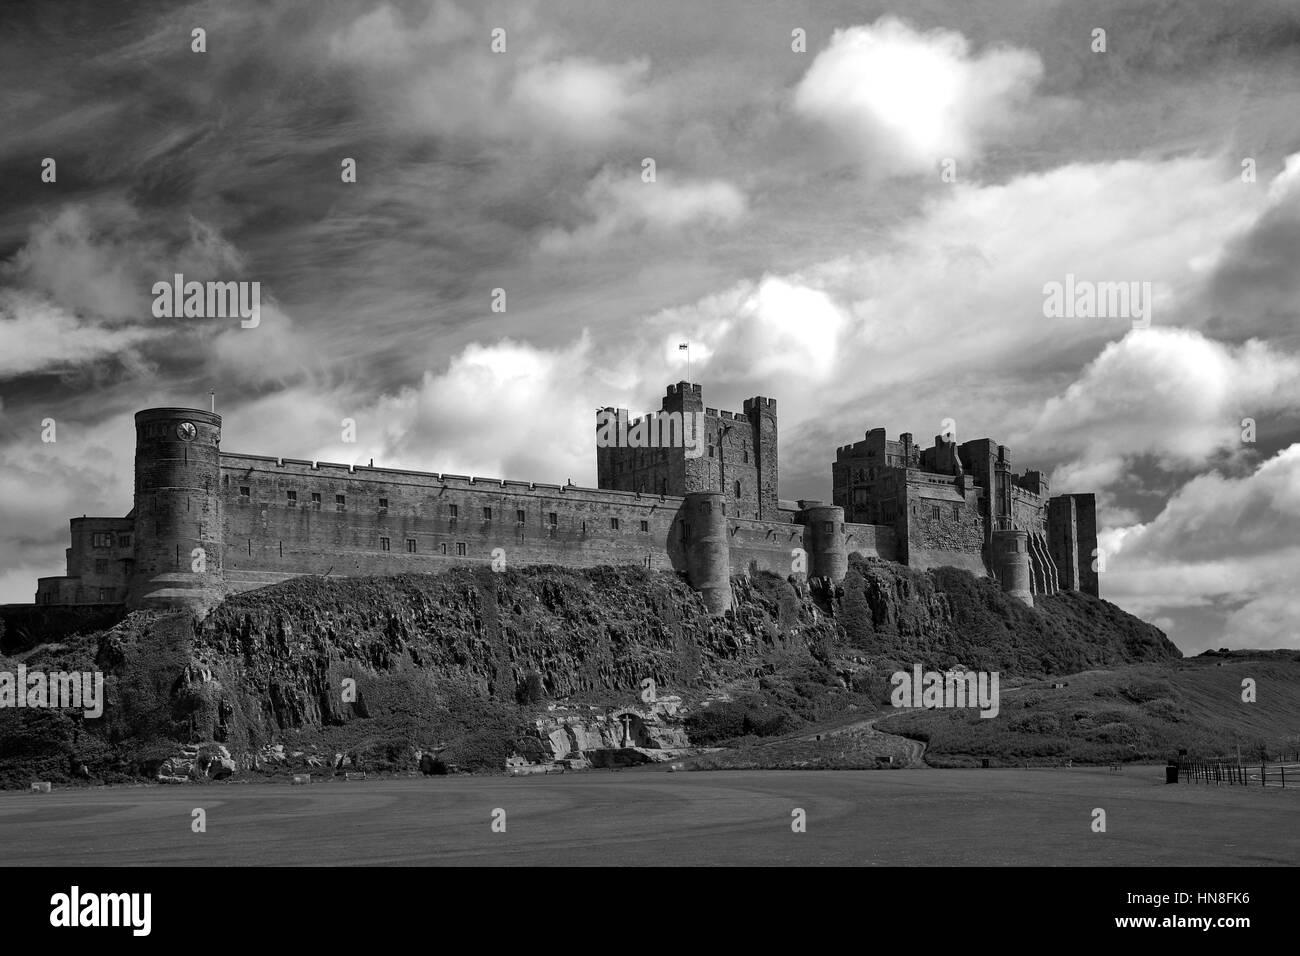 Tempête et arc-en-ciel, château de bamburgh, bamburgh, village au nord de la côte de Northumbrie, Photo Stock